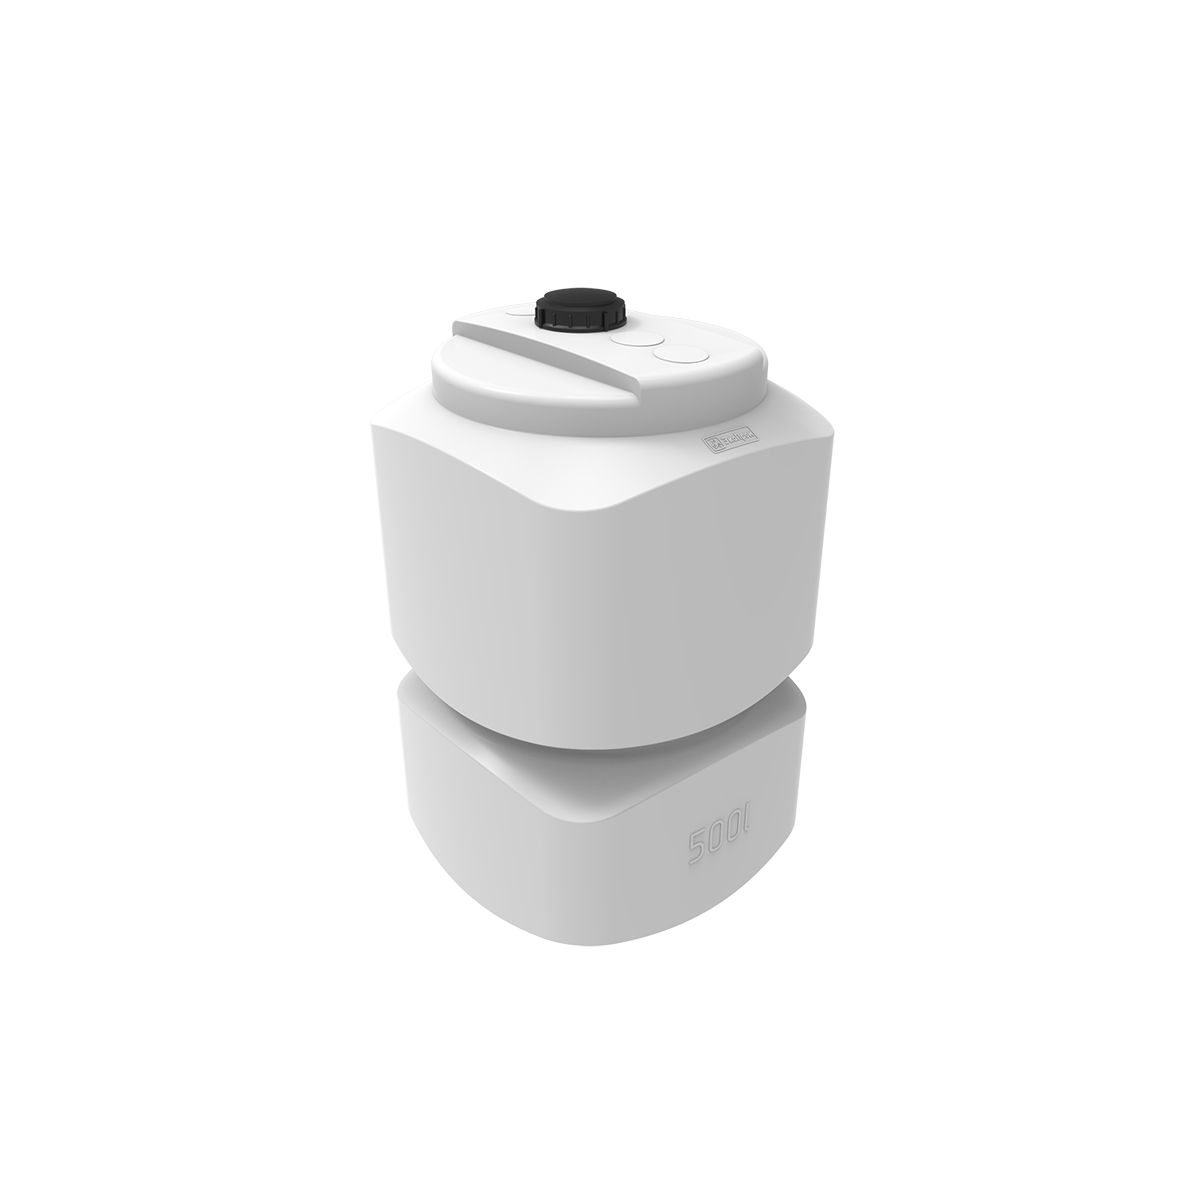 Емкость для топлива L oil 500 литров пластиковая